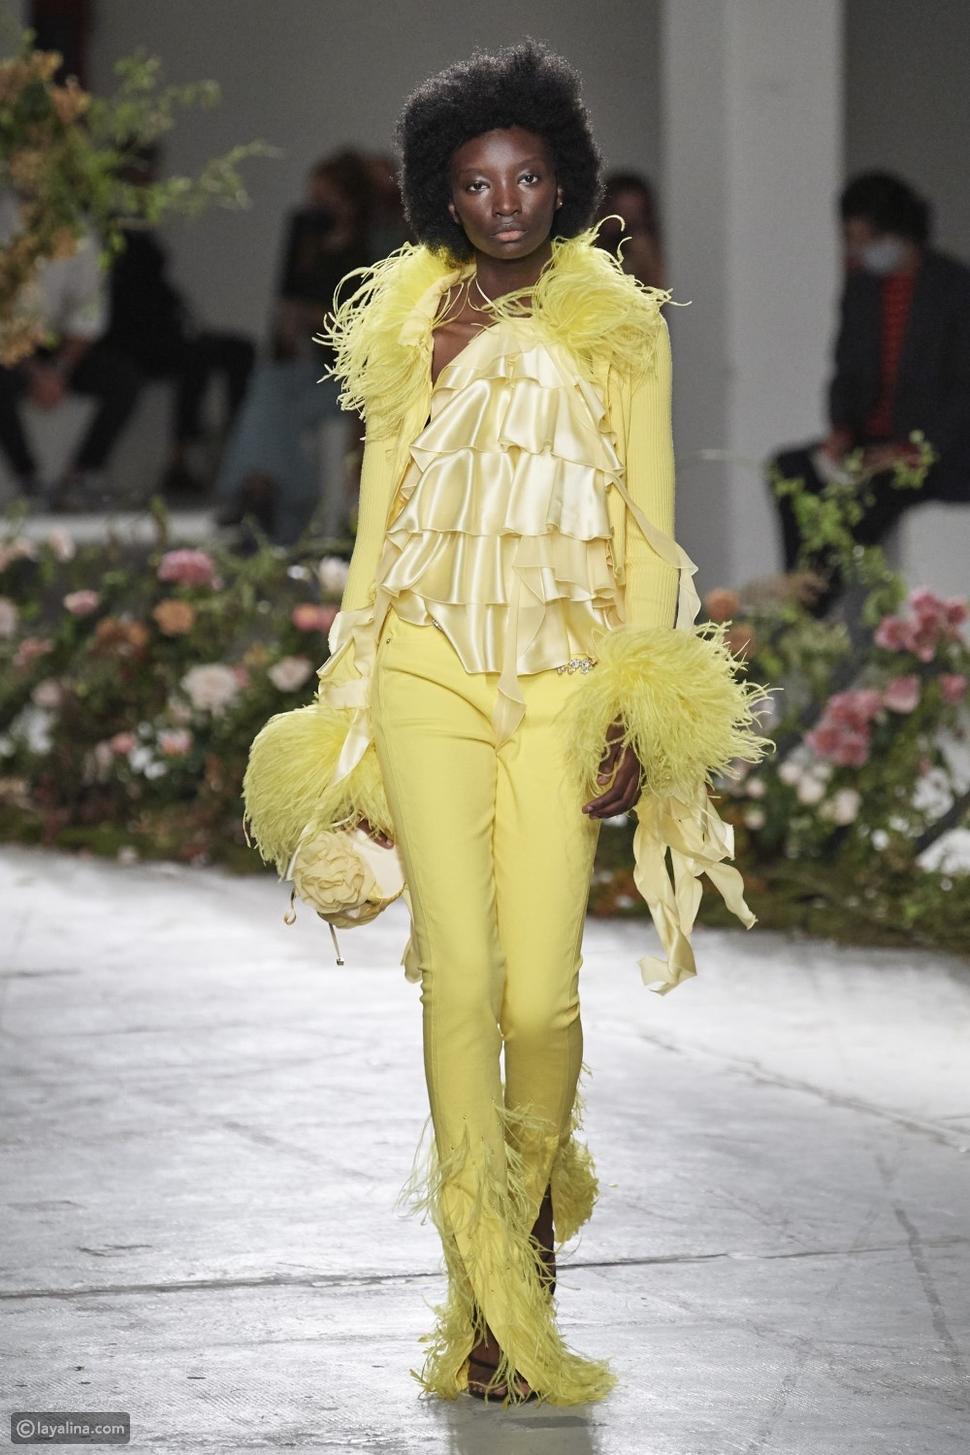 الأصفر الباهت باستيلPastel Yellow